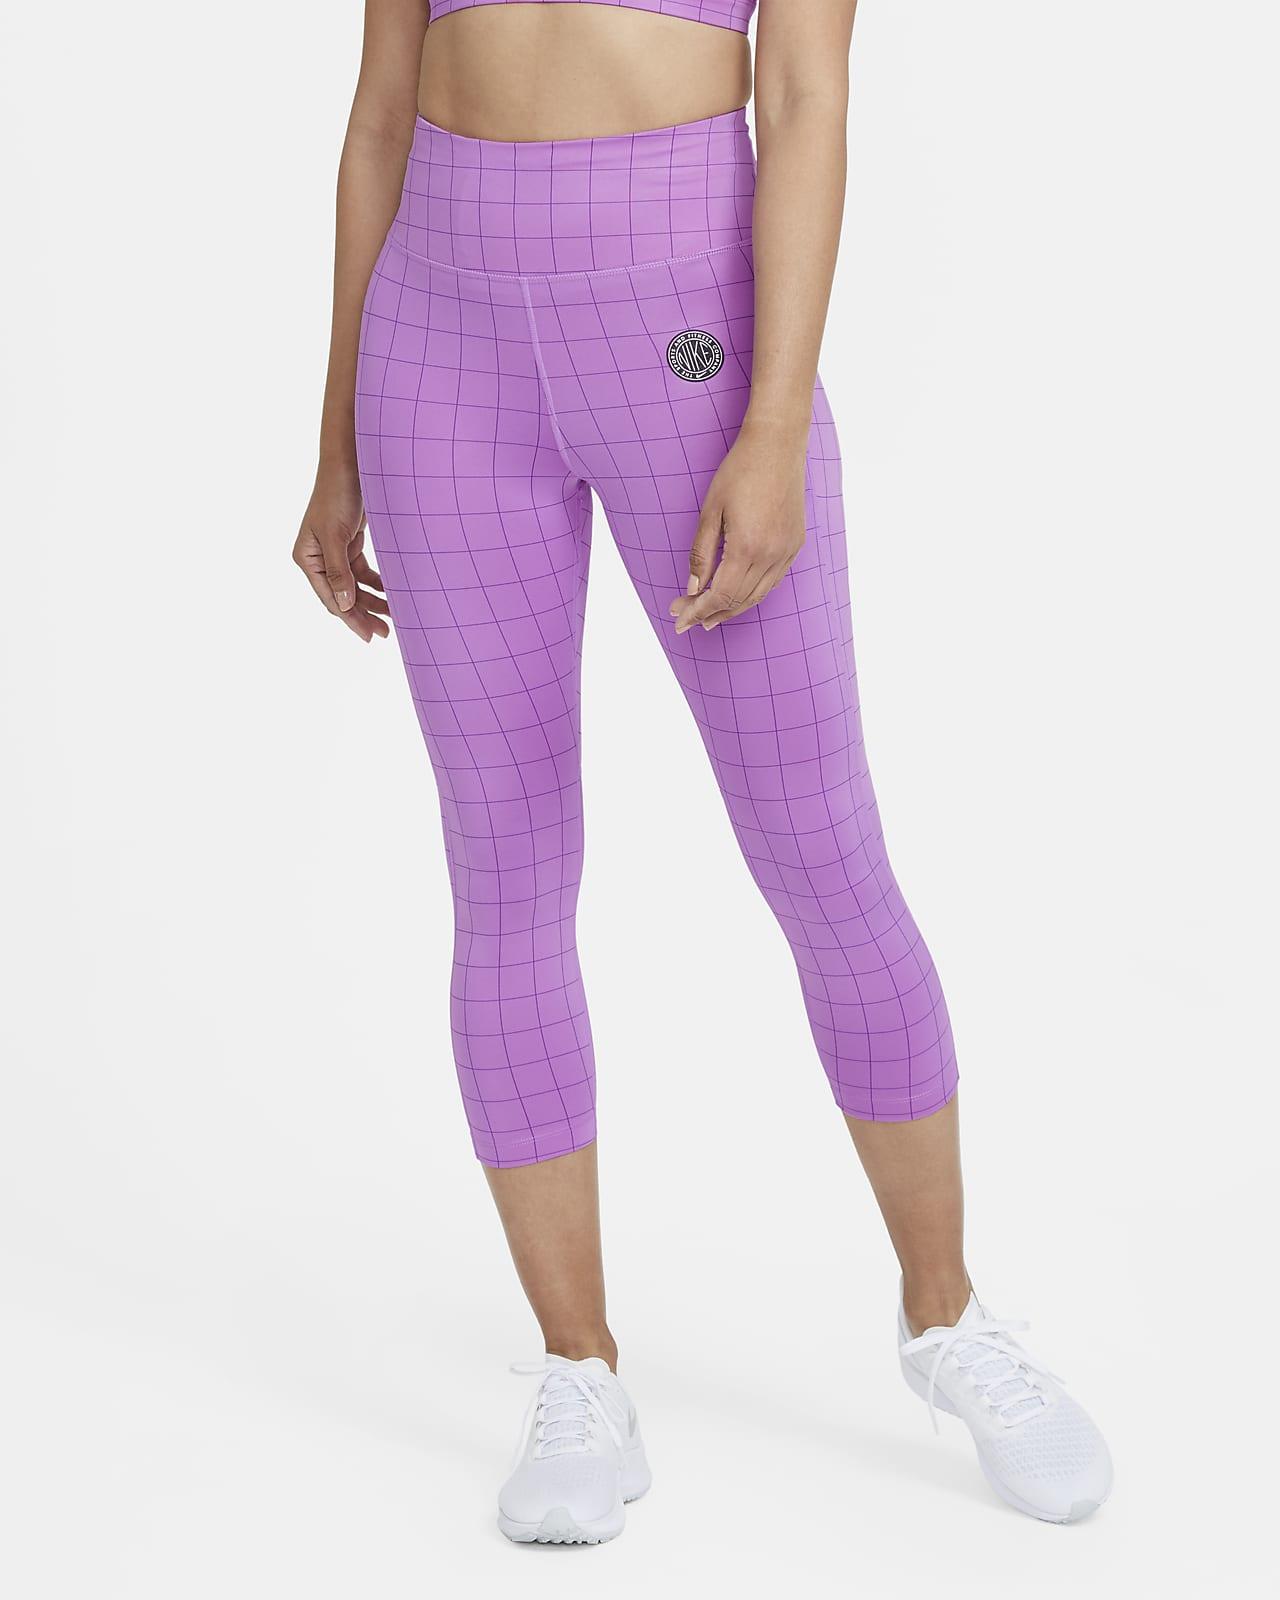 เลกกิ้งวิ่งเอวปานกลาง 5 ส่วนผู้หญิง Nike Epic Fast Femme